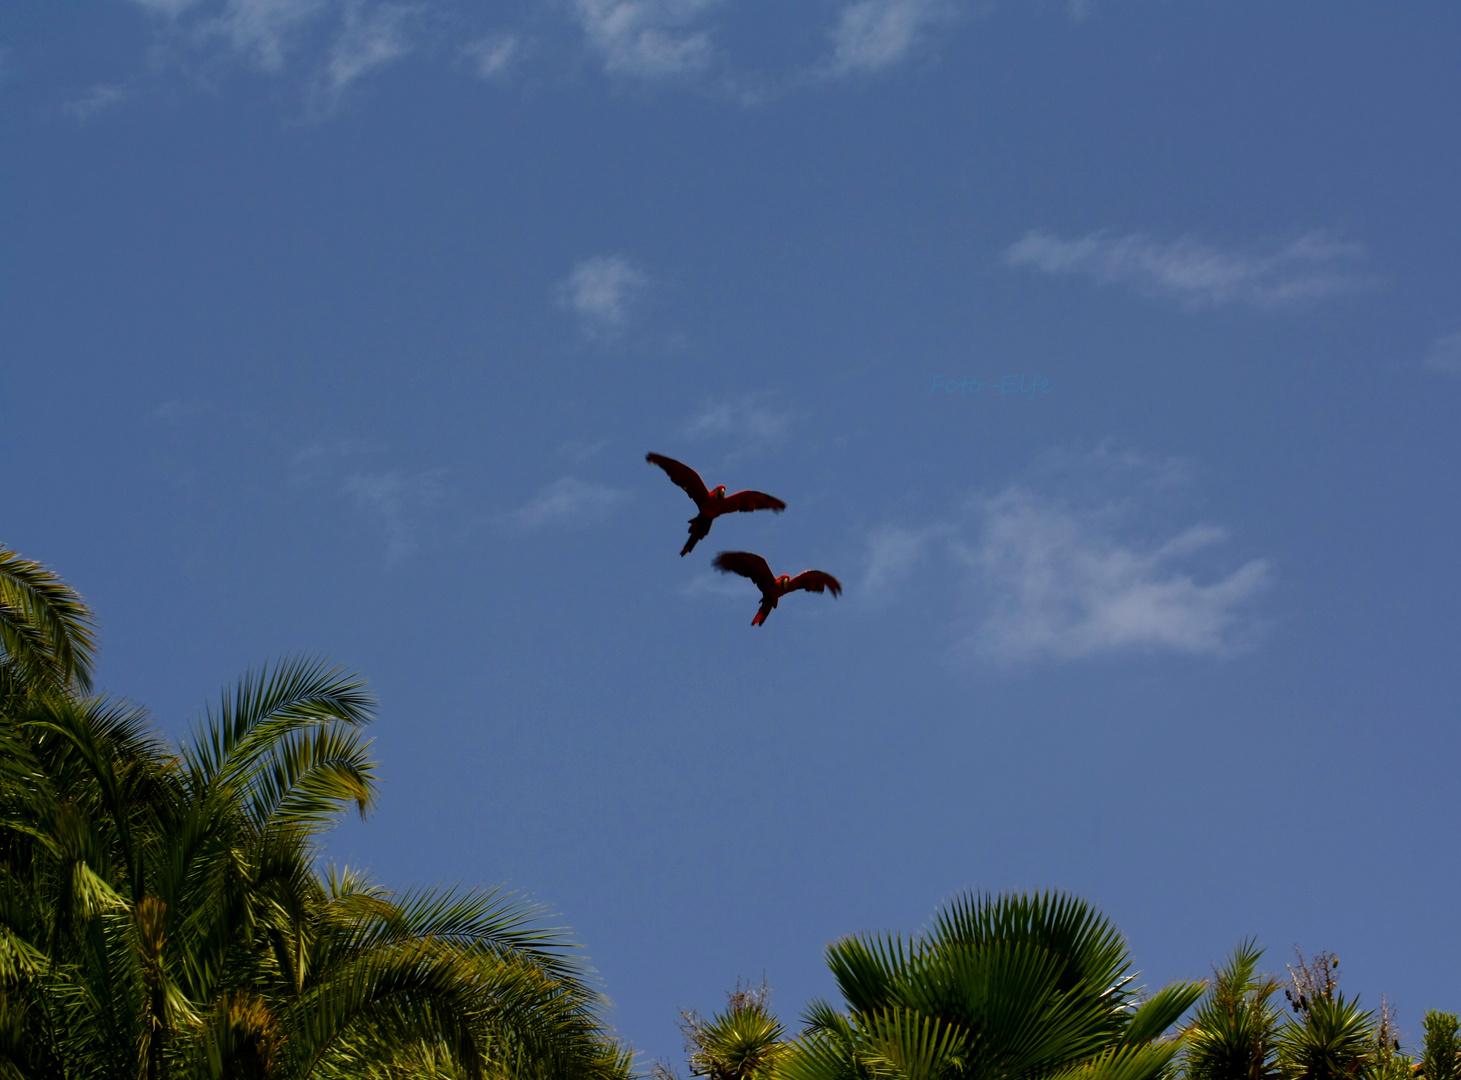 Papageie fliegen um die Oase vom Palmitos Park